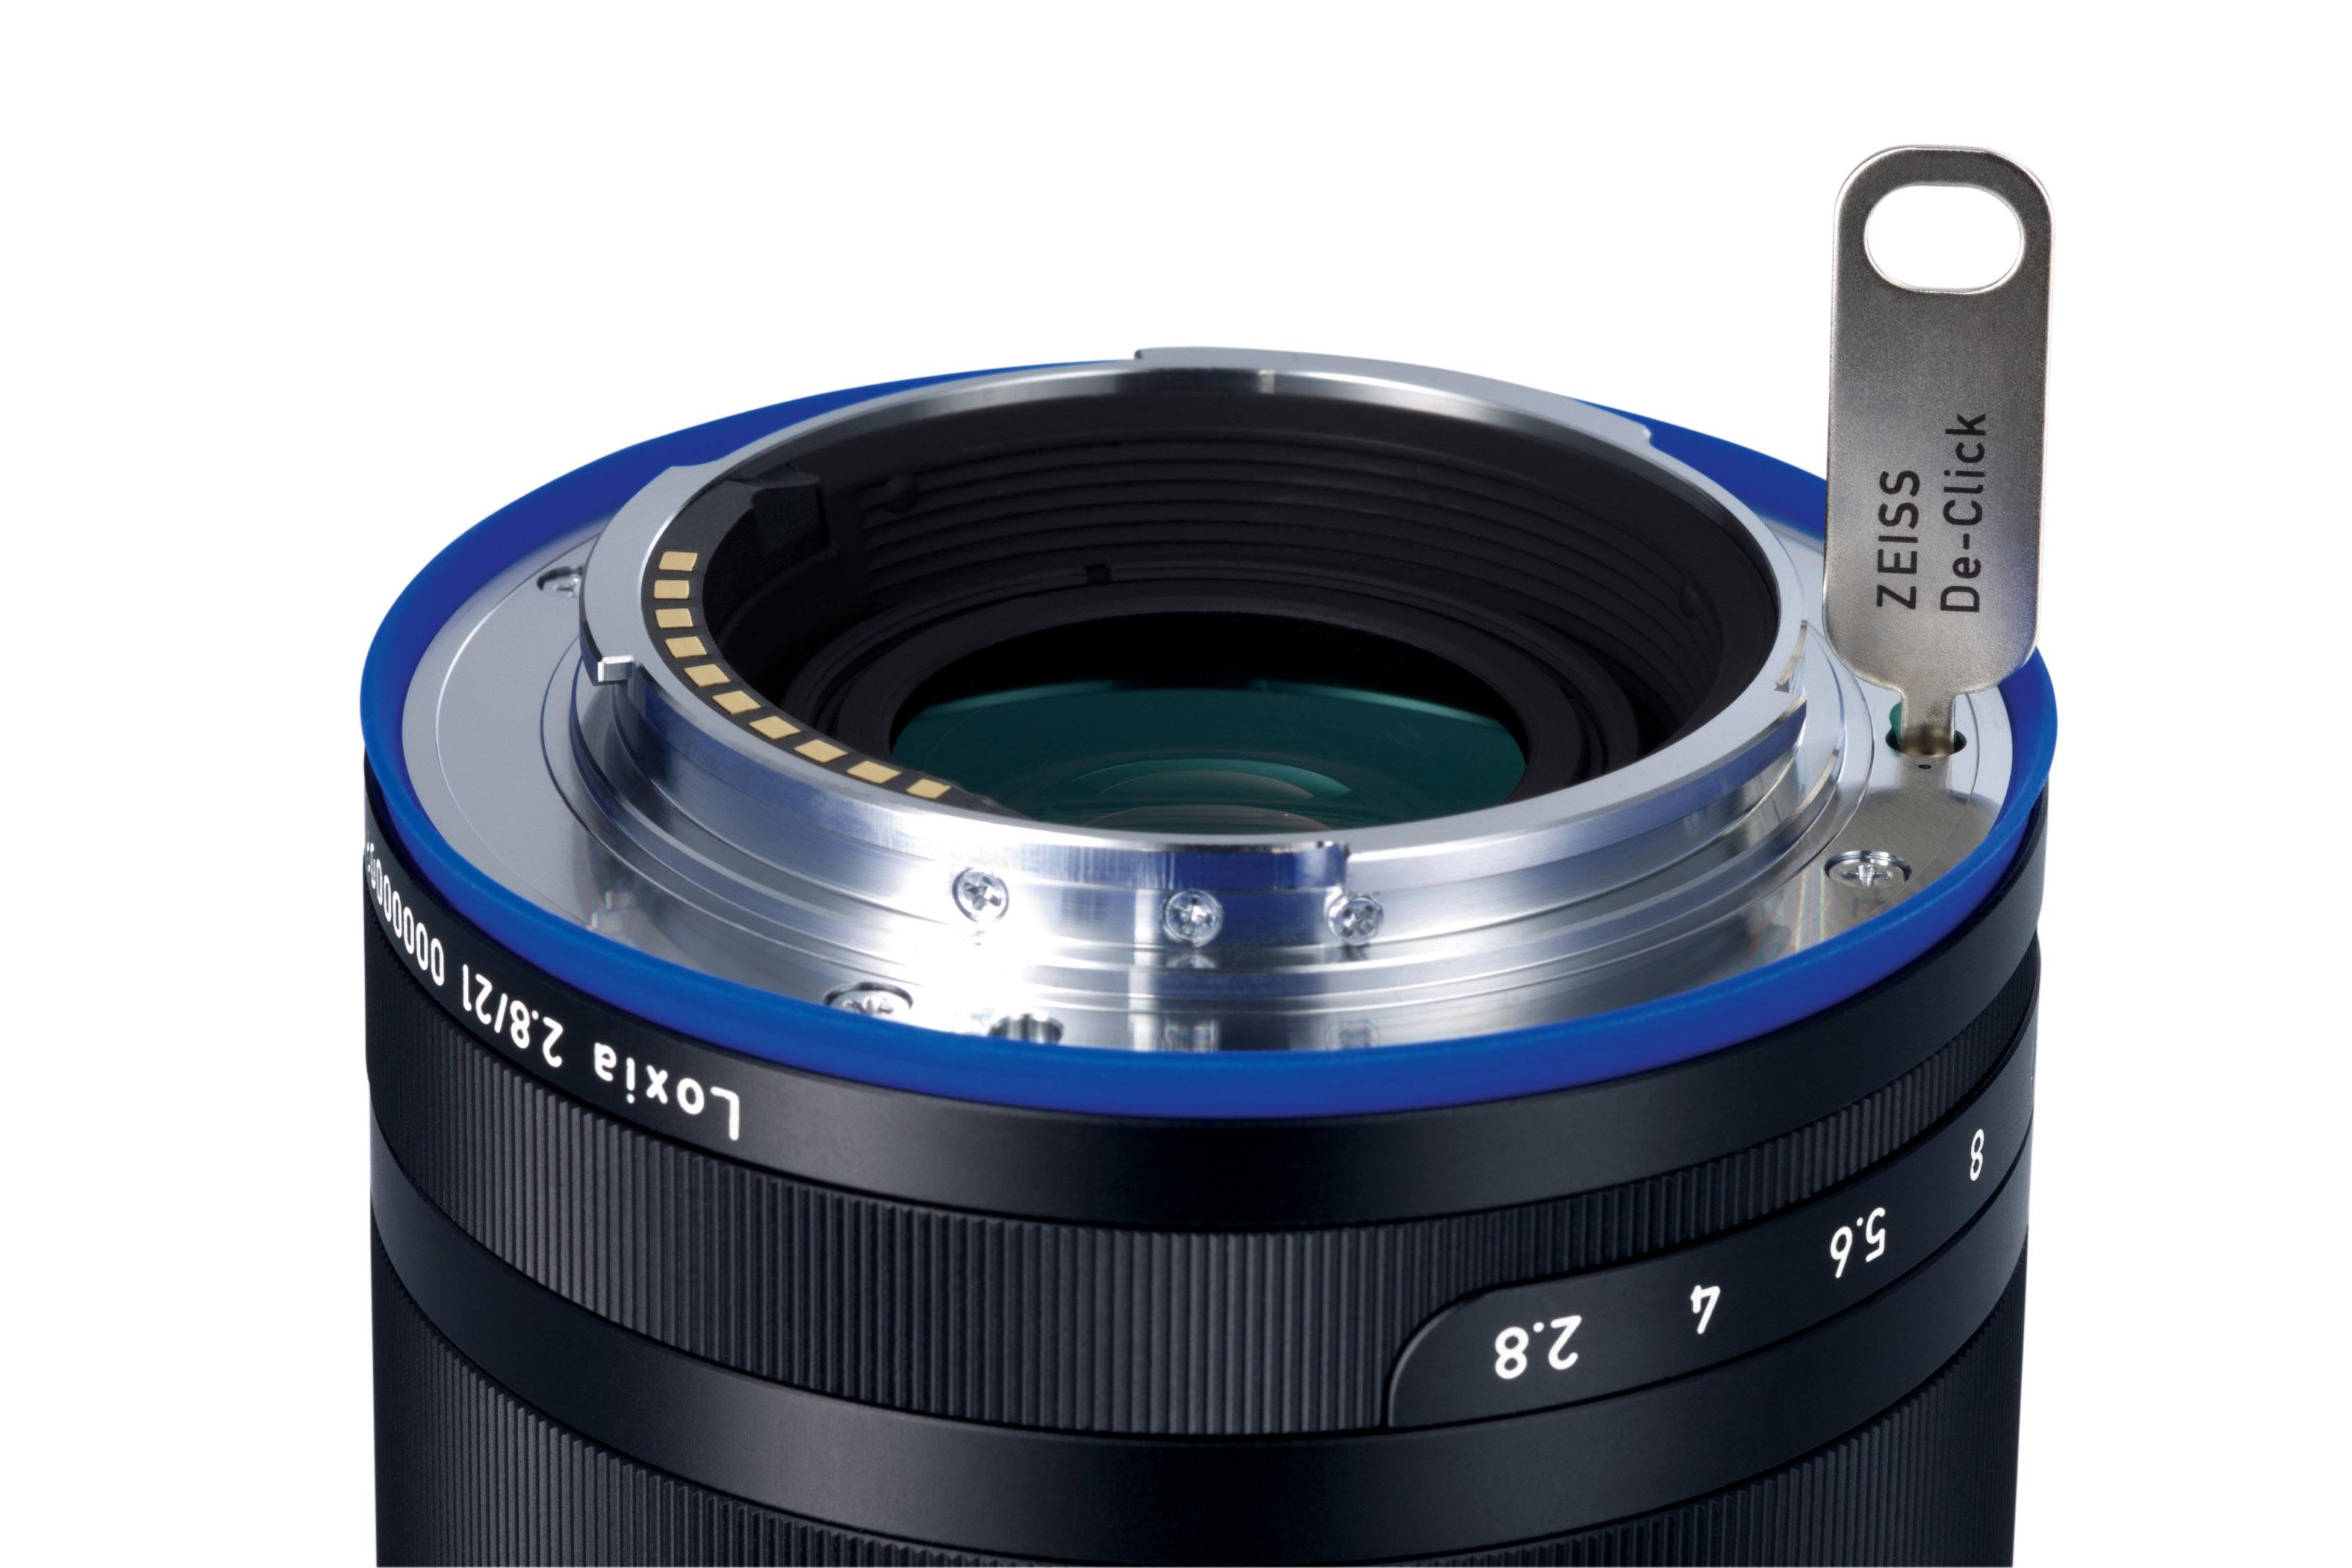 据外网报道,蔡司正式发布了Distagon结构Loxia 21mm f/2.8,从该镜头的样片来看,Distagon结构的使用确实没有出现之前Biogon T* 2.8/21 ZM镜头的红移现象,同时该镜头针对A7系列相机的特点进行了优化设计,使其更适合高像素相机使用;该镜采用Distagon结构却并没有使镜头体积变很大,依然算是较为小巧的手动对焦镜头。(外网相关报道)  Loxia FE 21mm f/2.